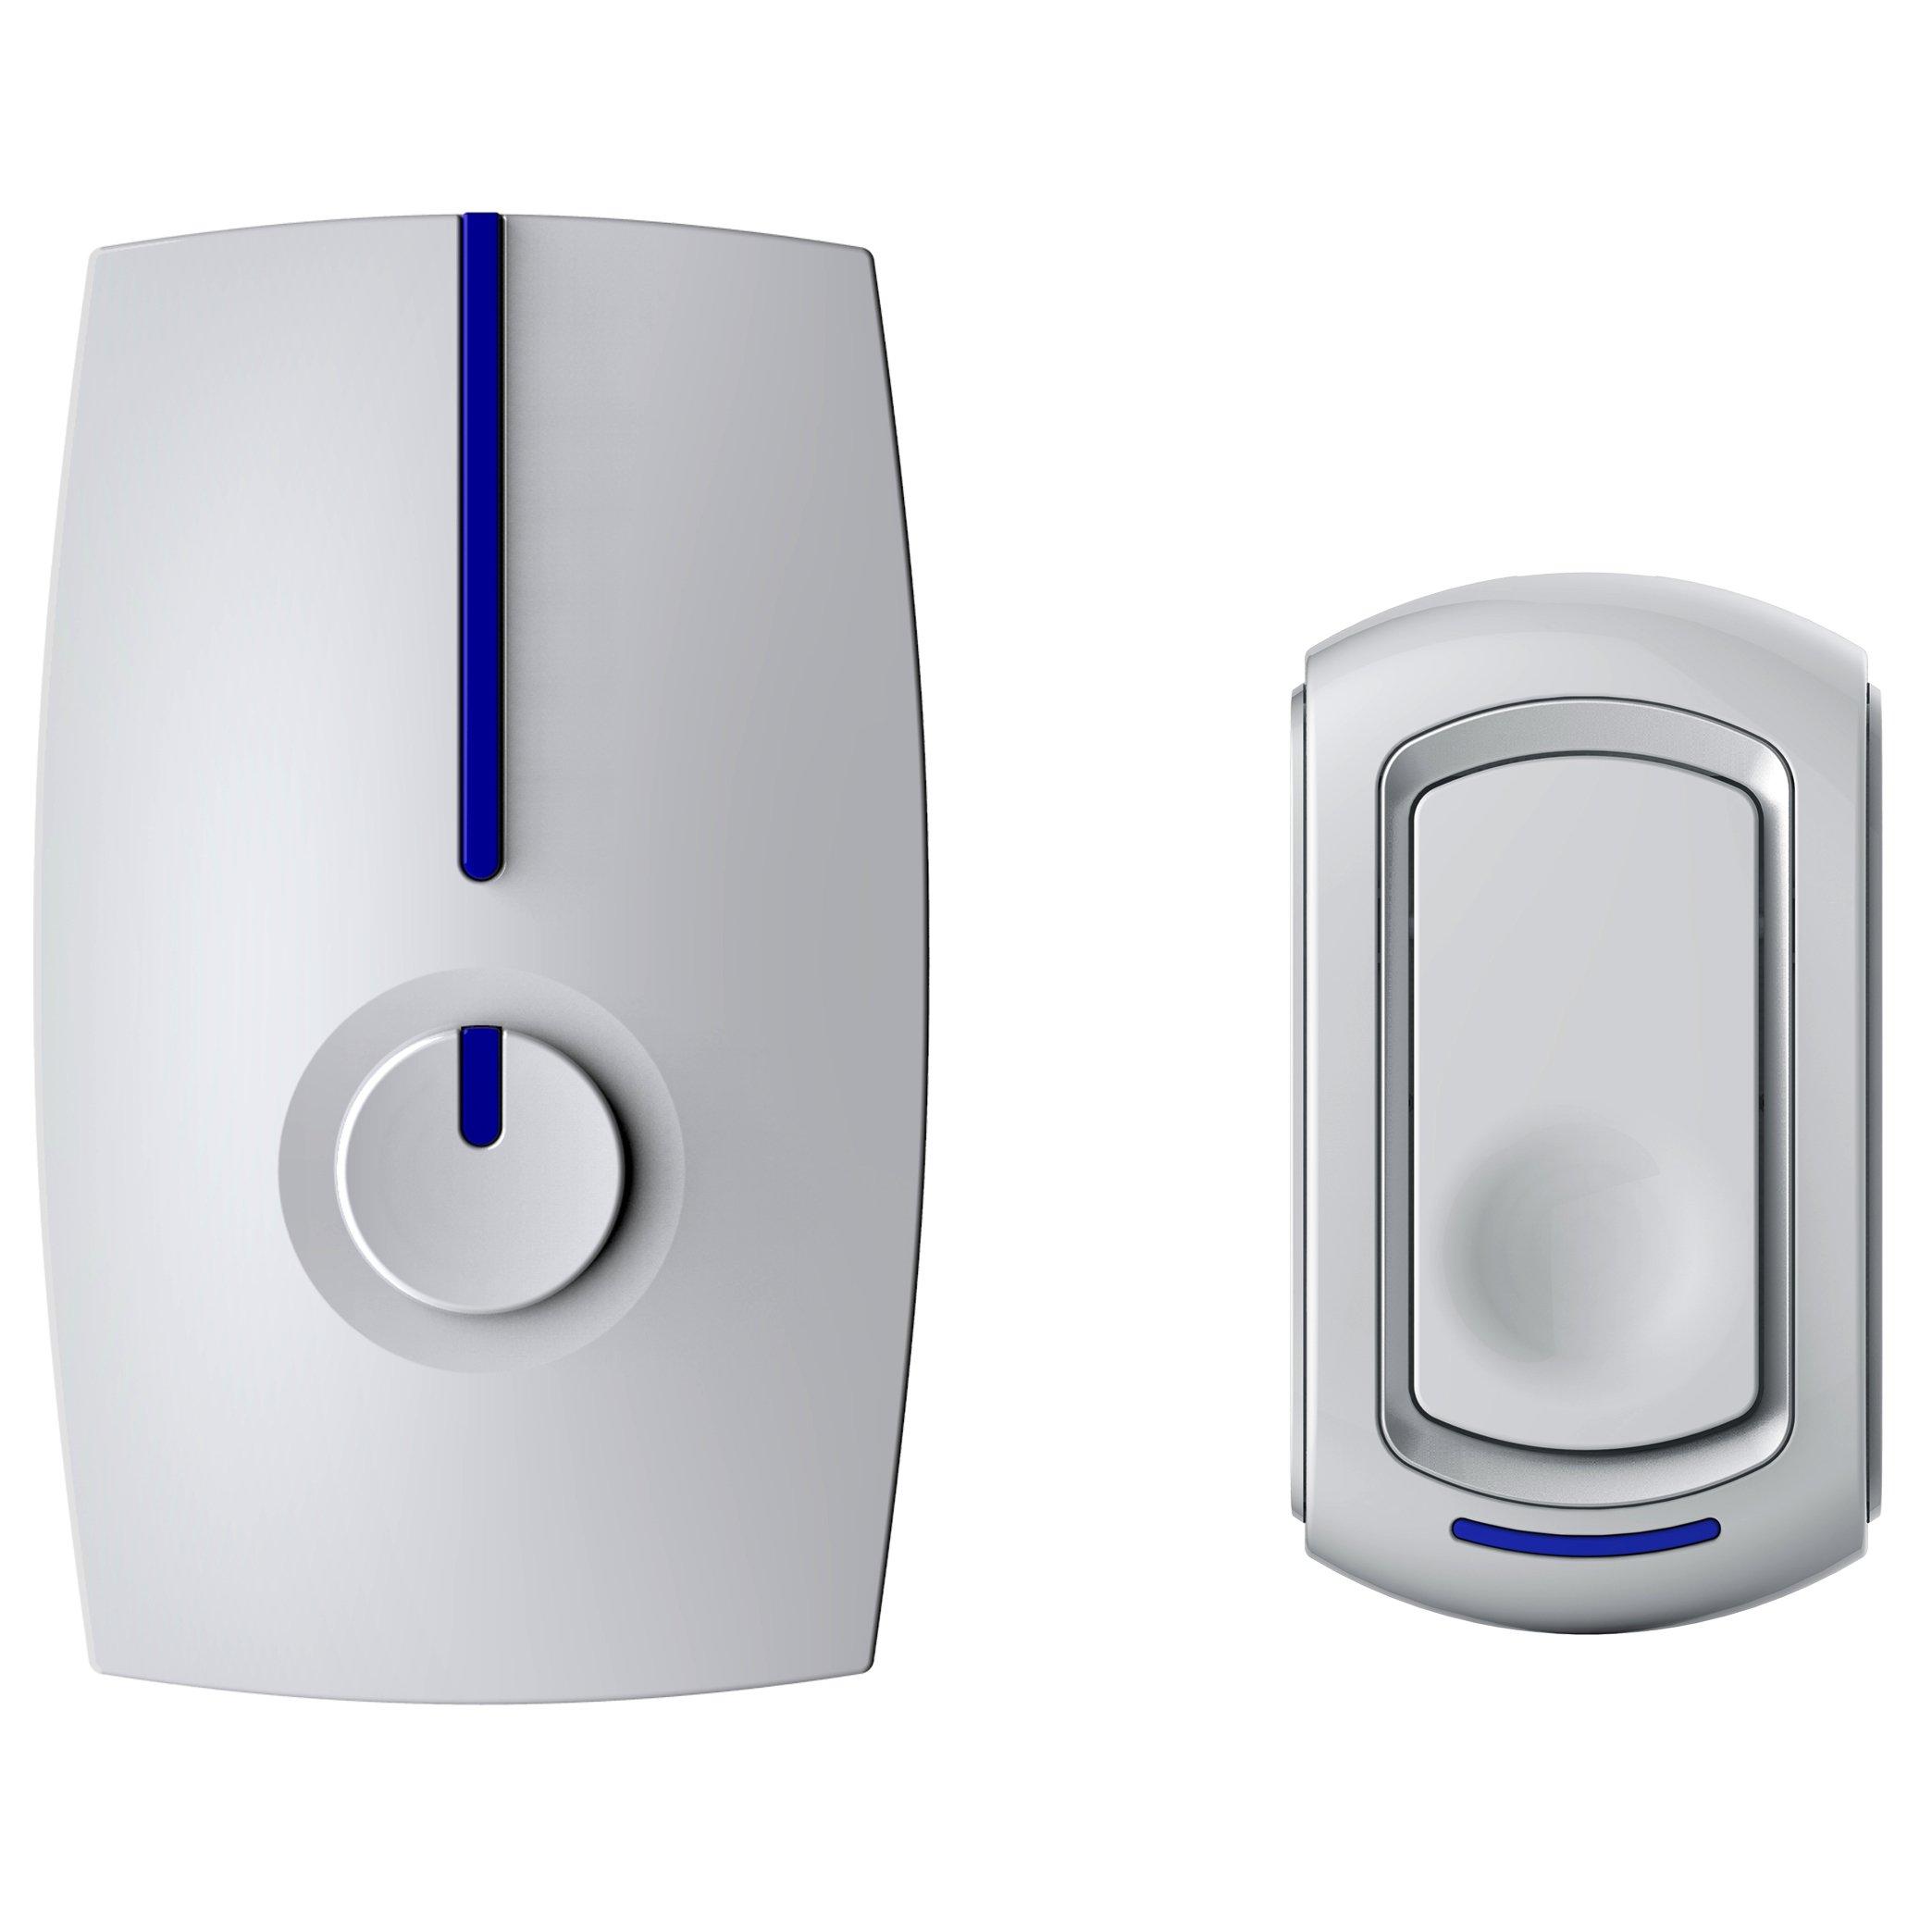 SadoTech Modern Series G Wireless Doorbell Operating at over 500-feet Range